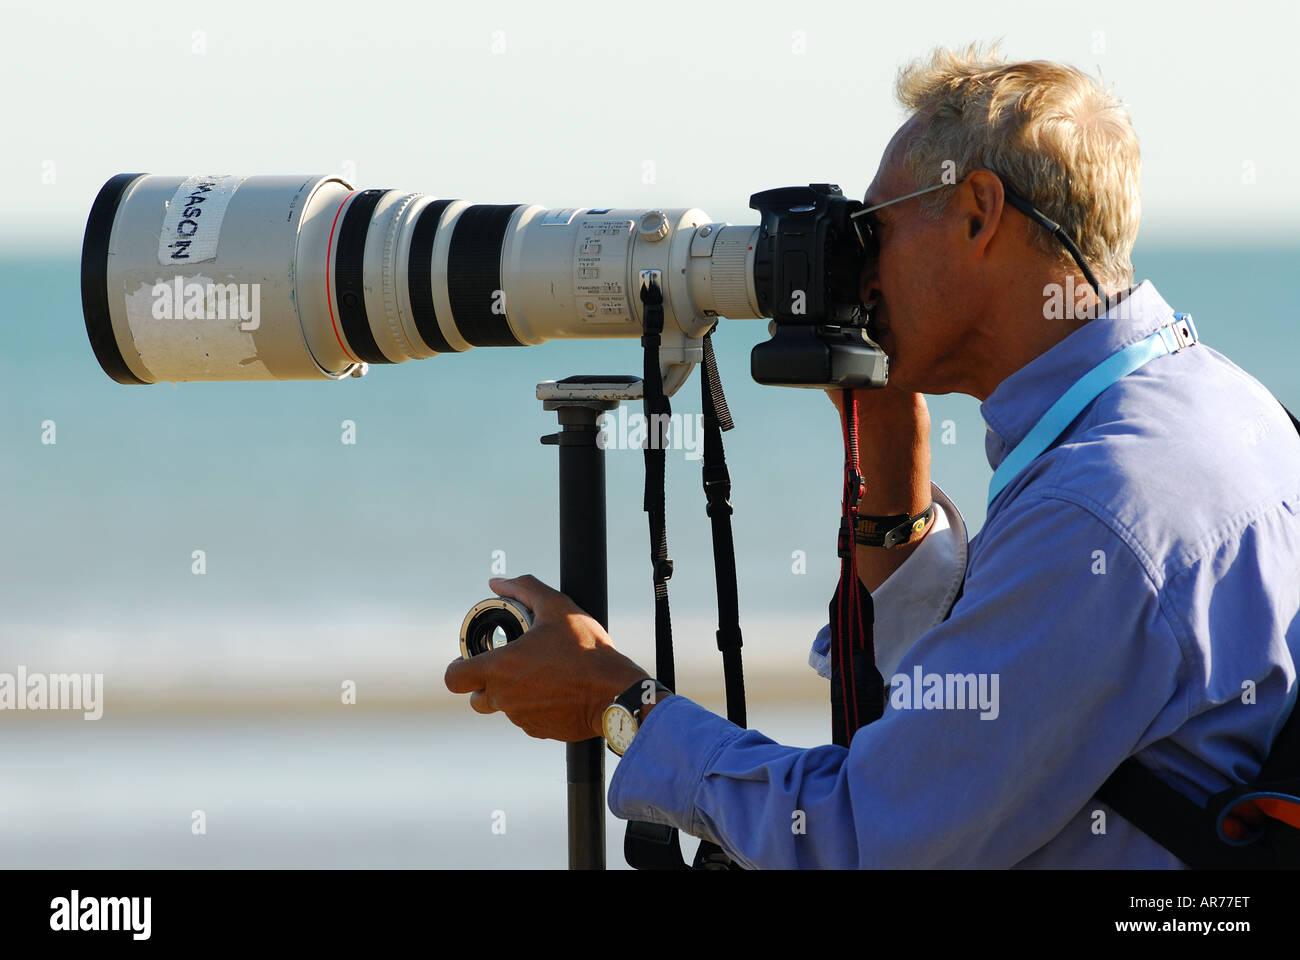 Un fotógrafo con una cámara réflex digital con un gran lente de zoom telescópico, fijada en un trípode Foto de stock